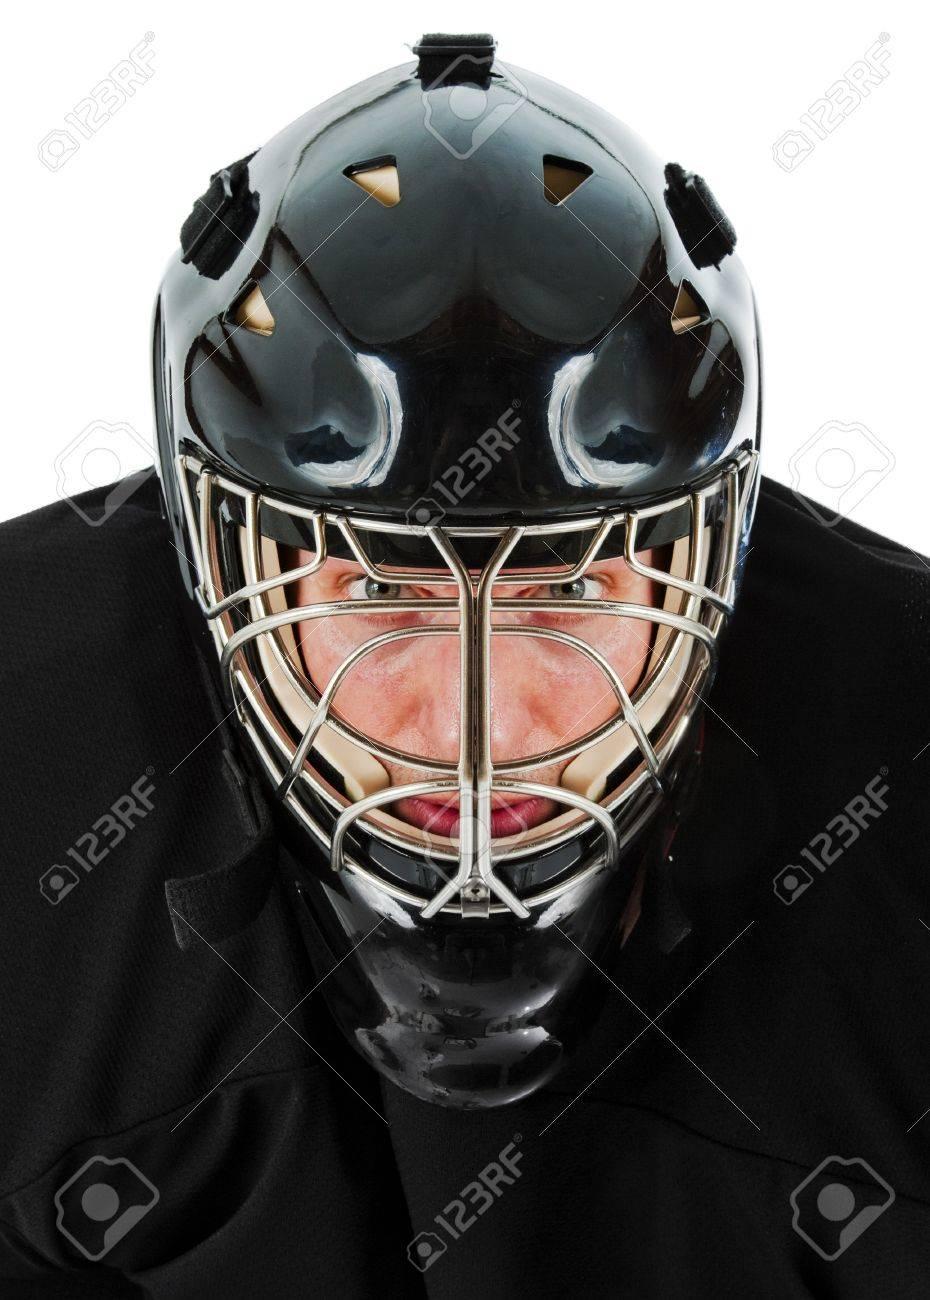 Ice Hockey Goalie Portrait Photo On White Background Stock Photo